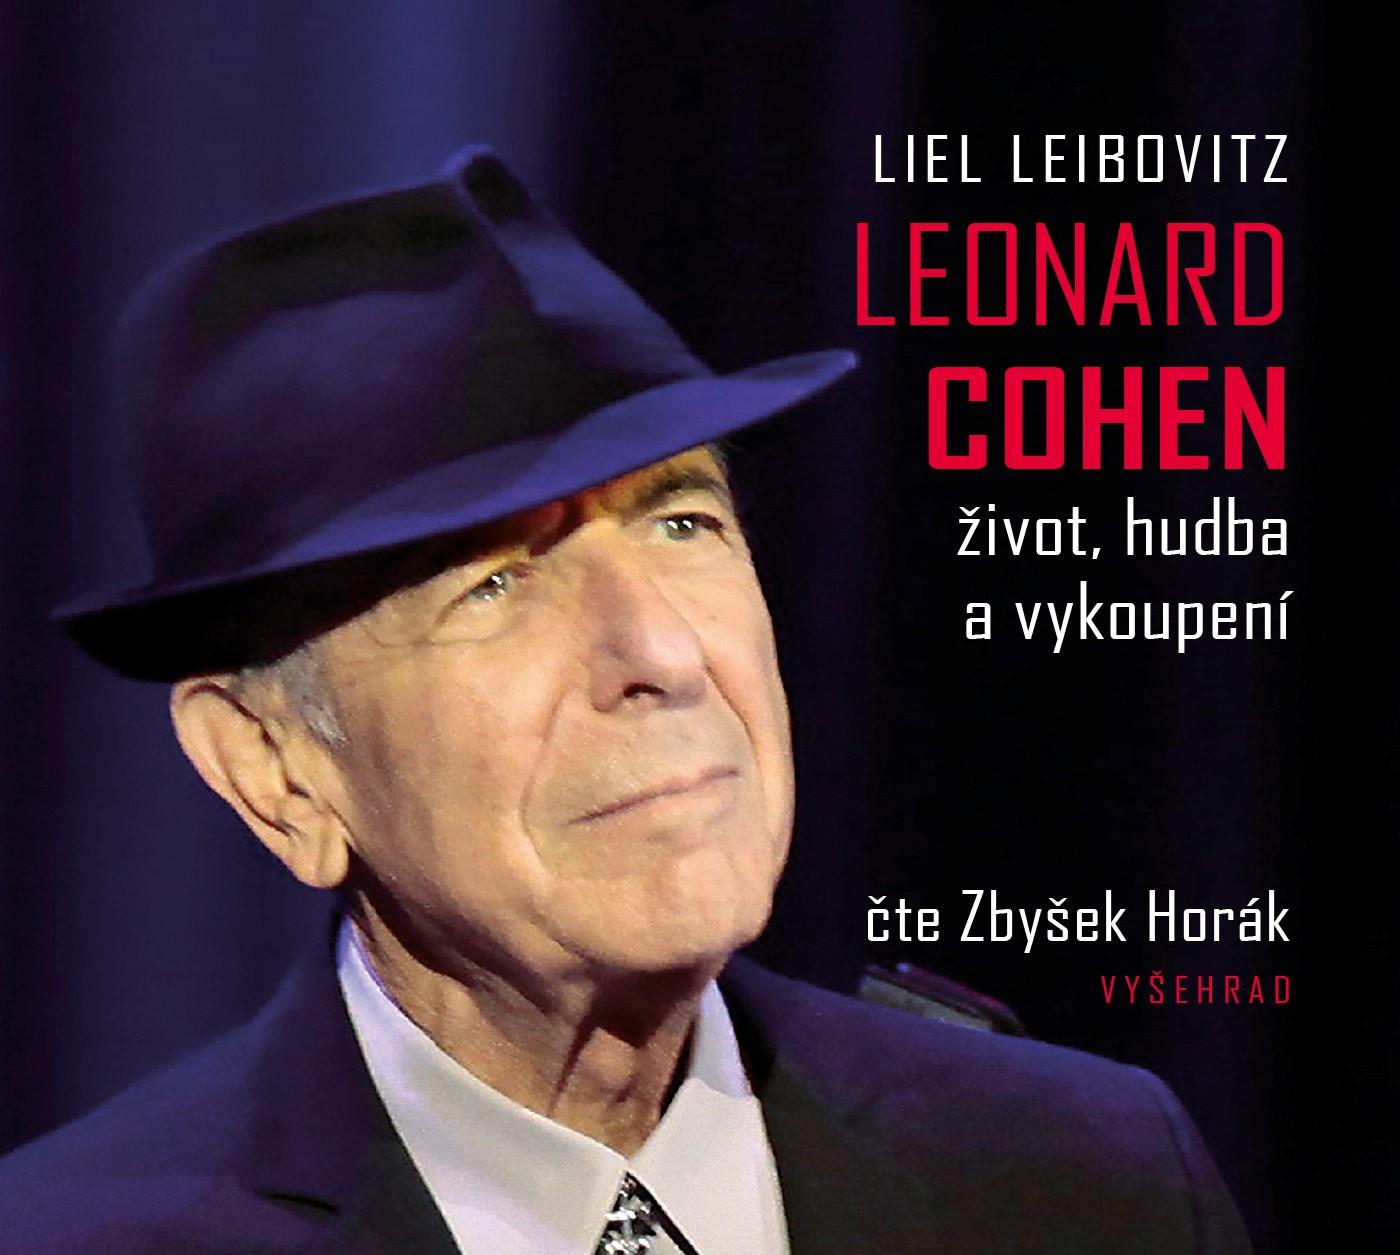 Leonard Cohen. Život, hudba a vykoupení (audiokniha) - Liel Leibovitz